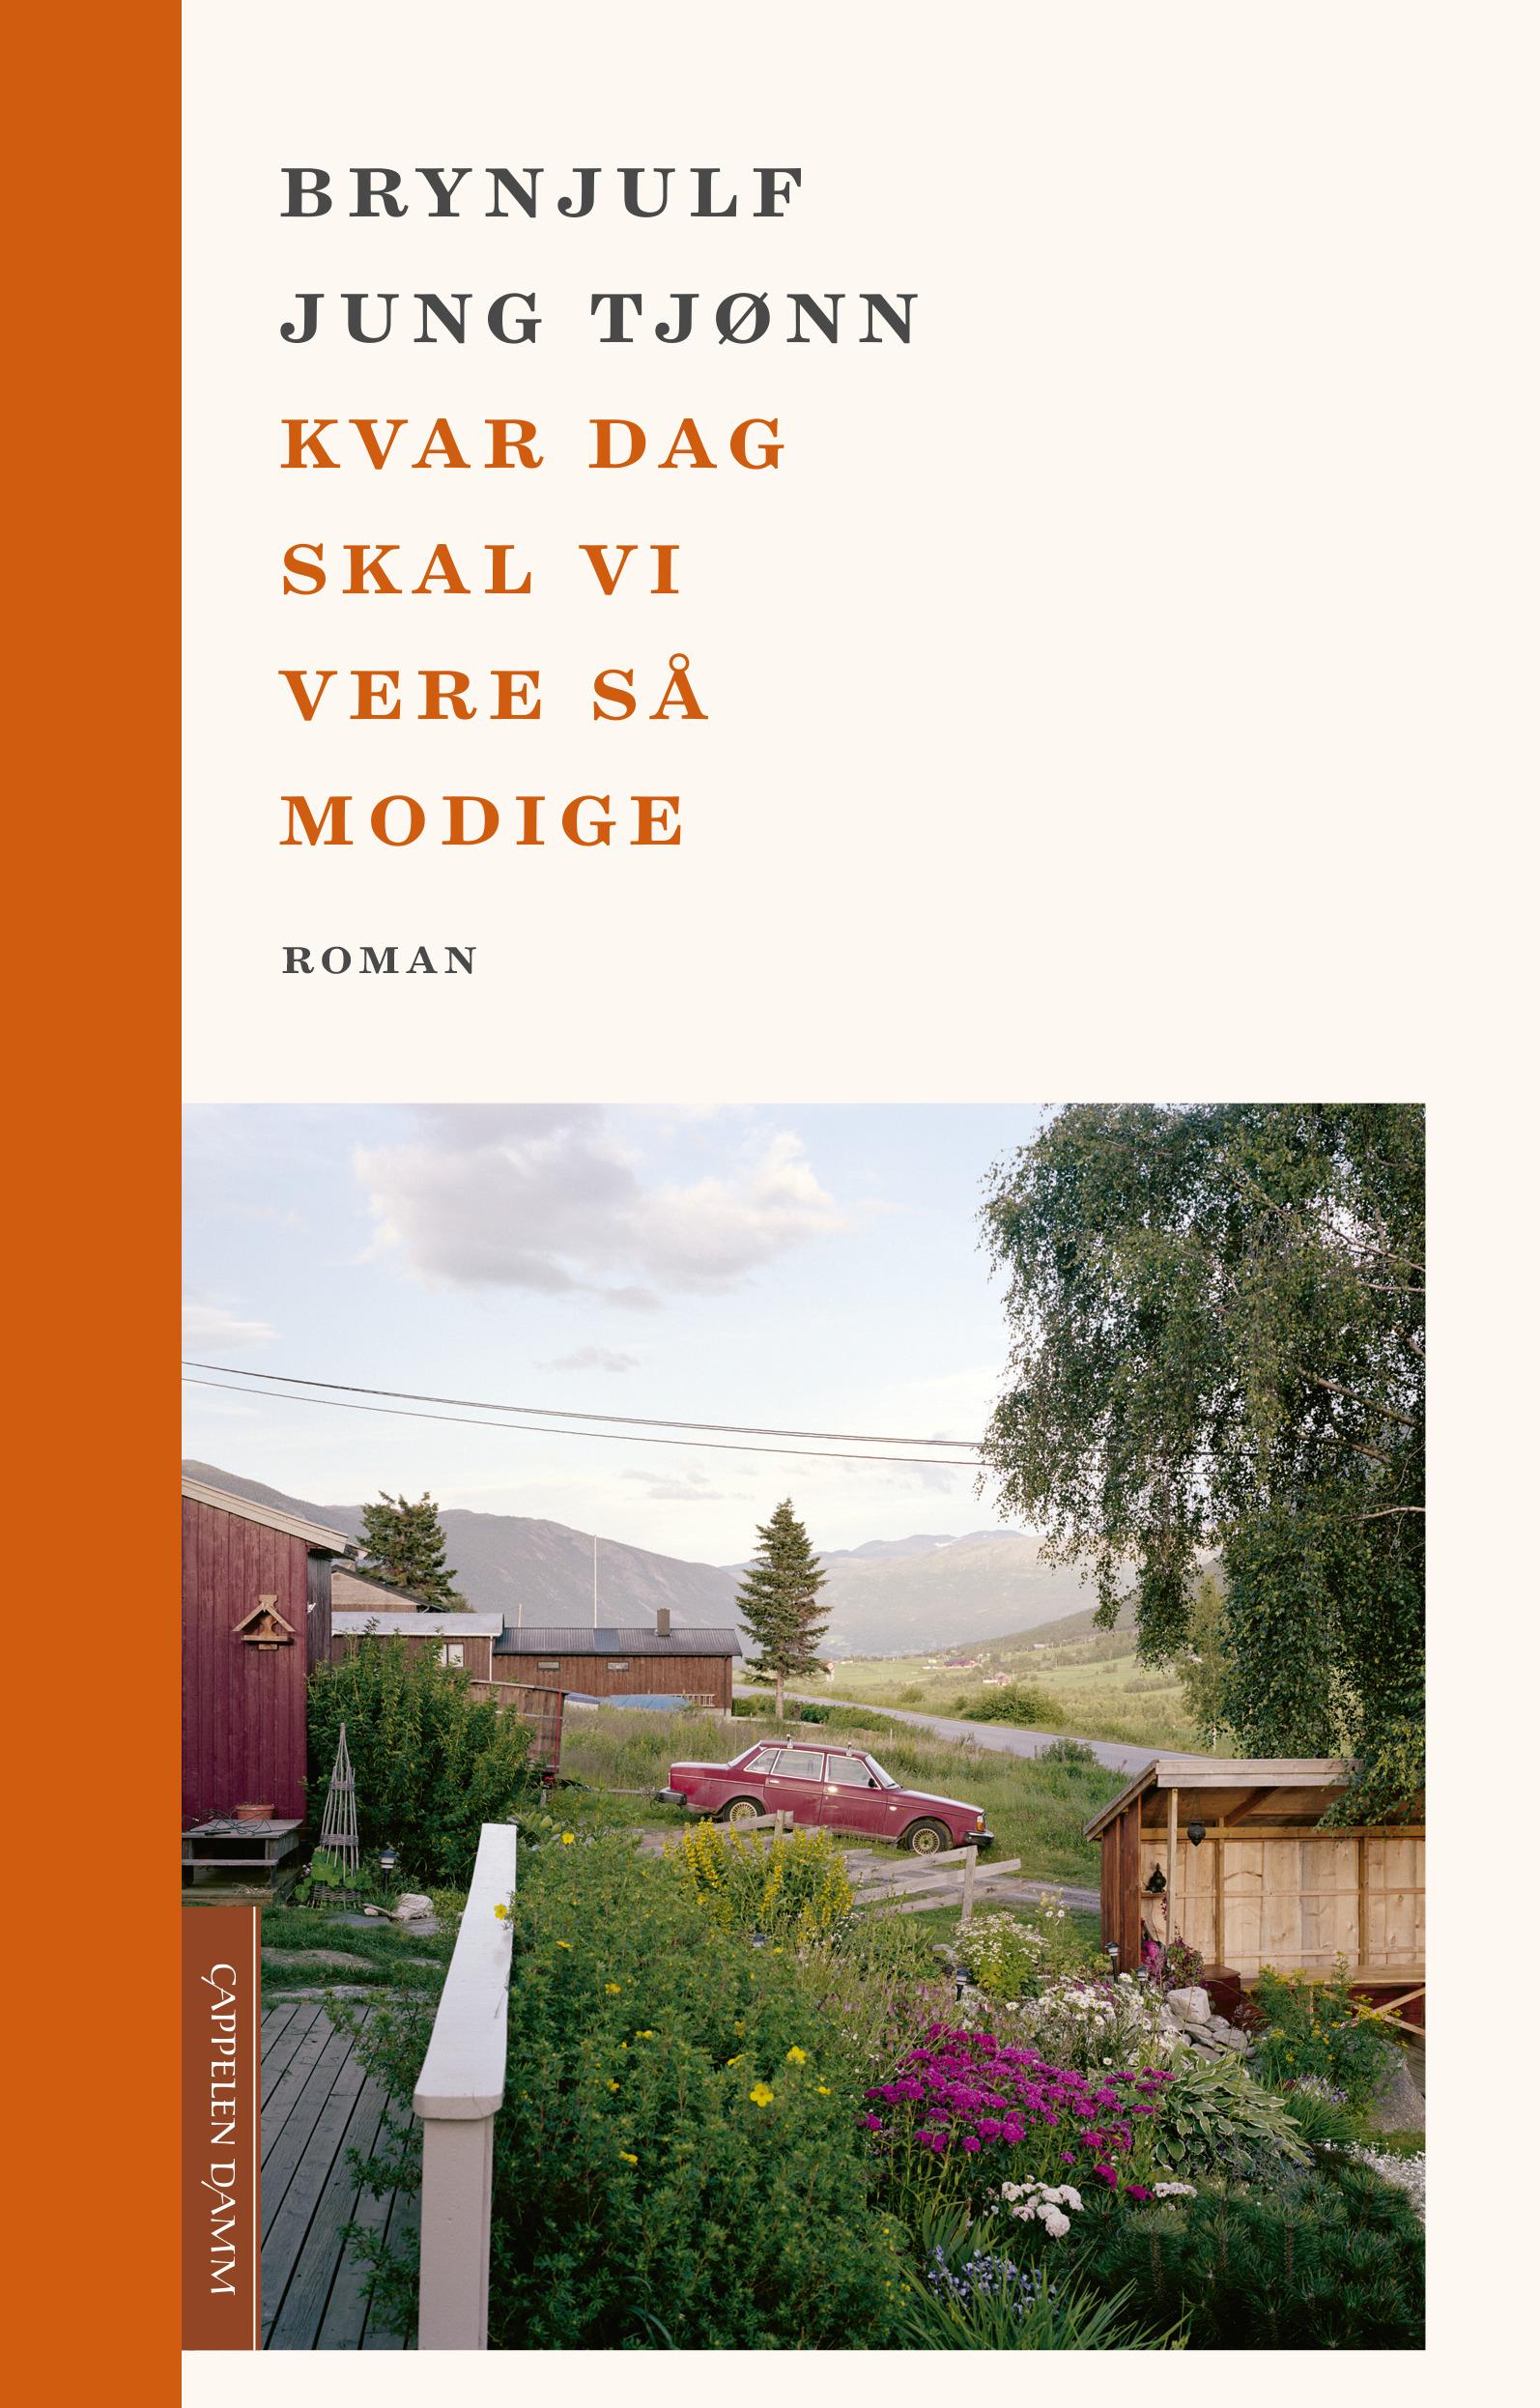 """""""Kvar dag skal vi vere så modige - roman"""" av Brynjulf Jung Tjønn"""